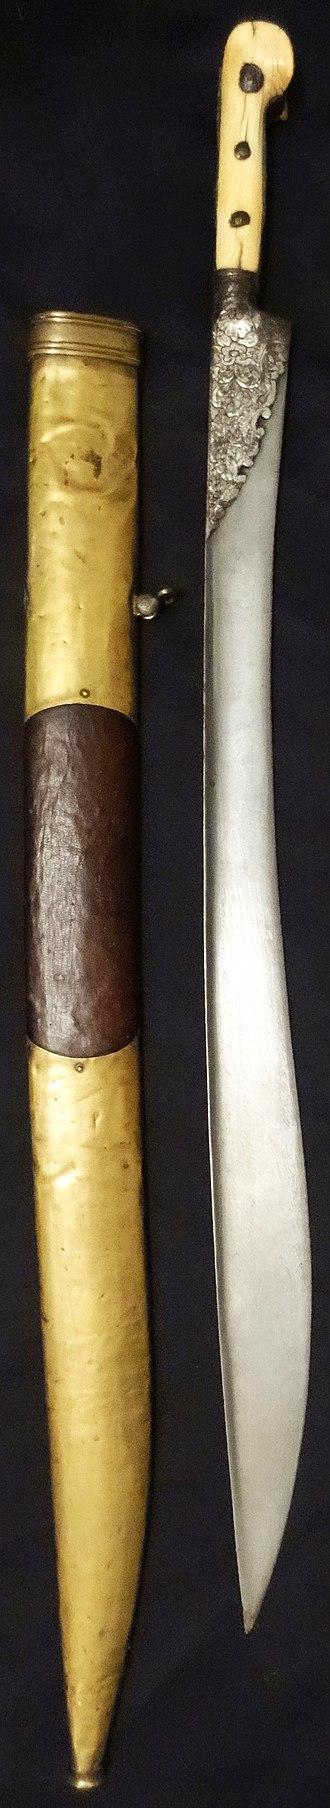 Ottoman weapons - Yatagan (yataghan)